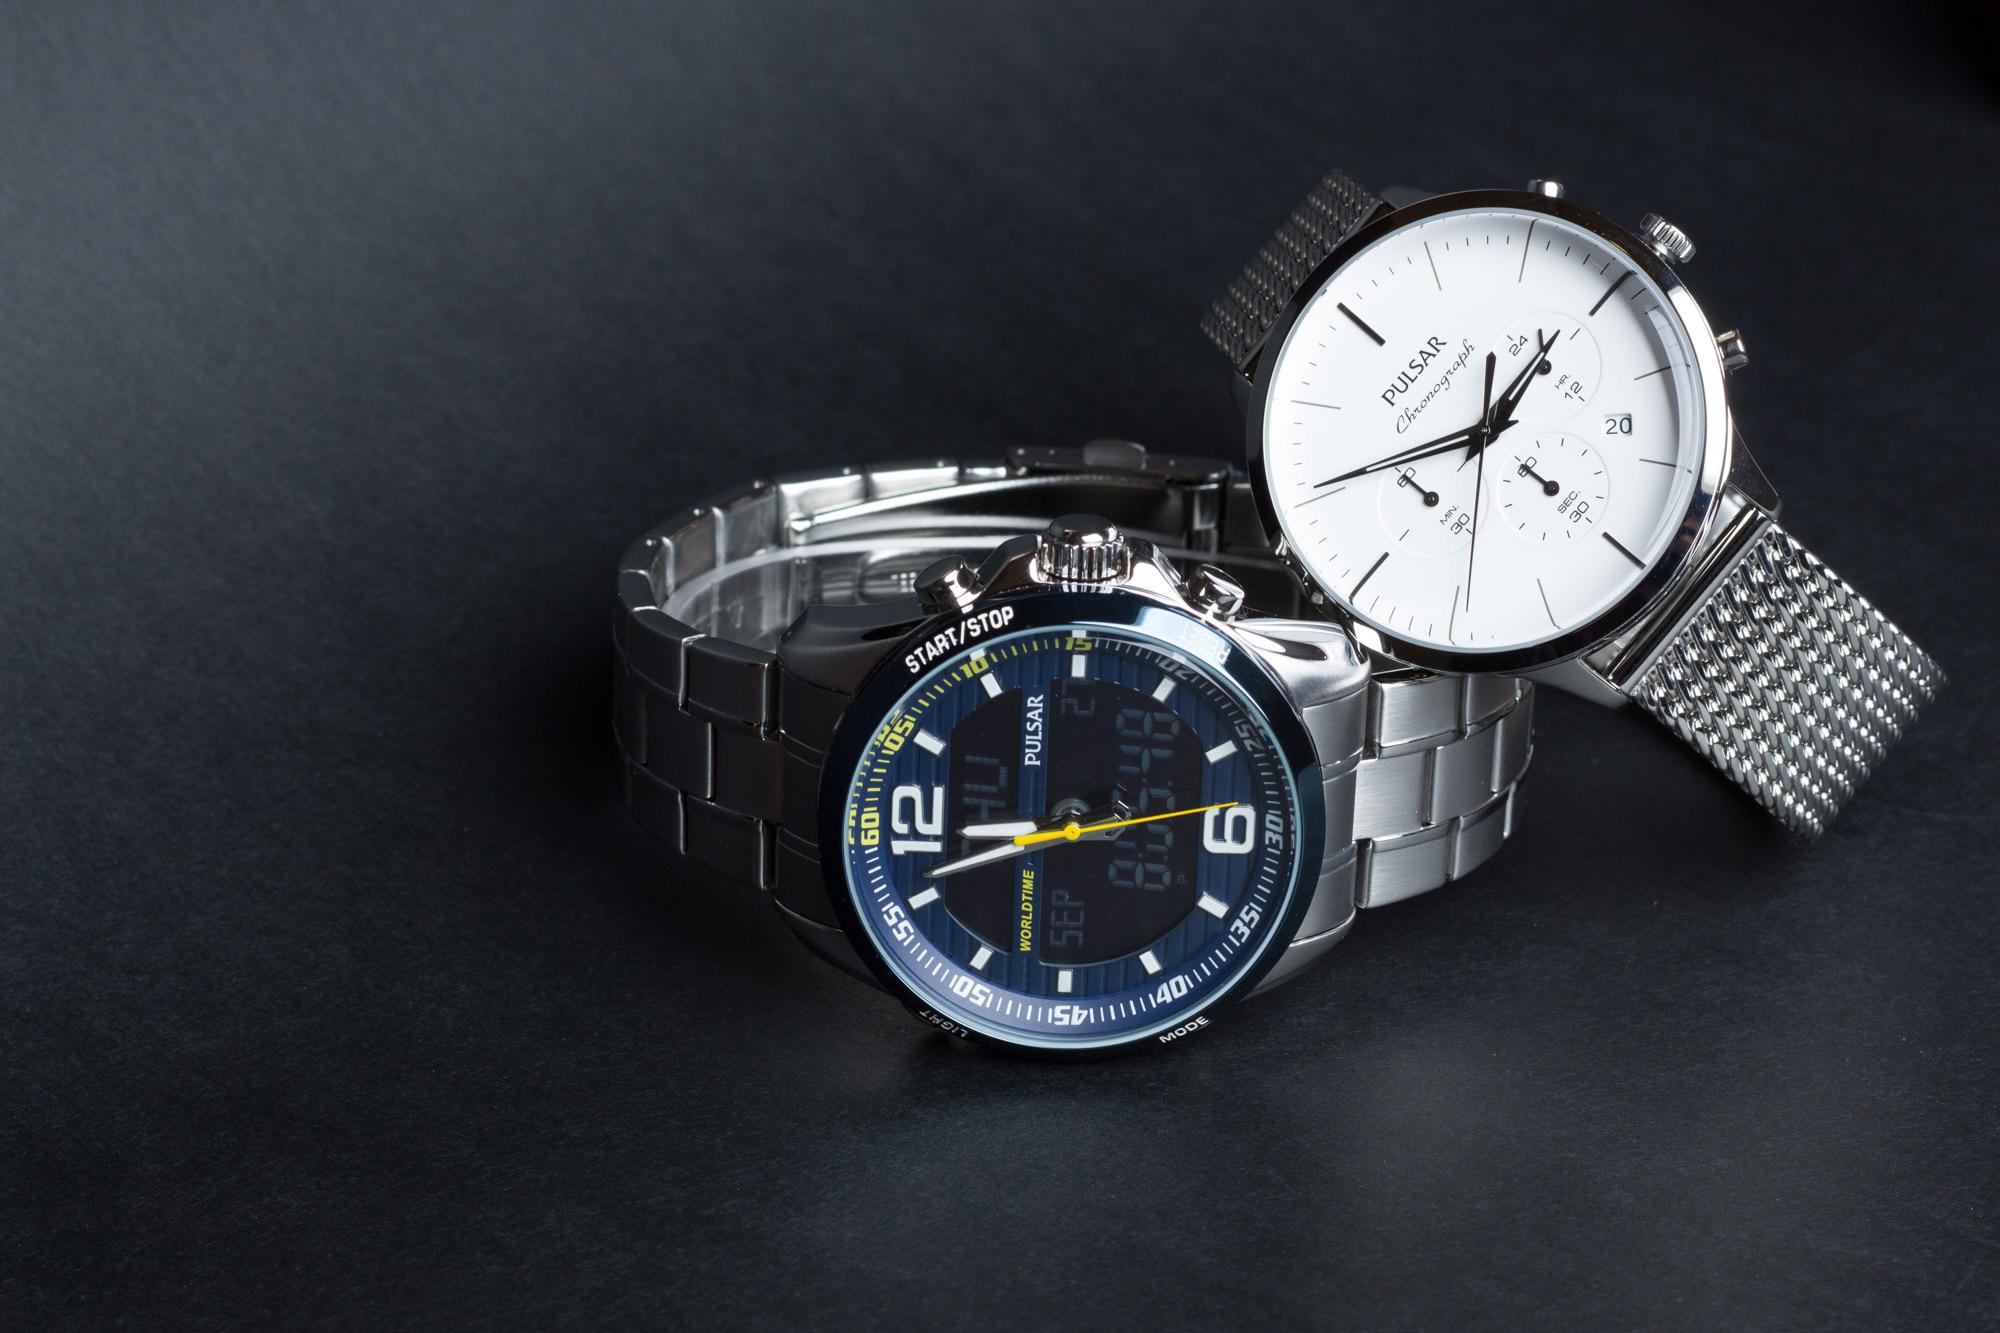 dwa zegarki Pulsar zdjęcie zbiorowe